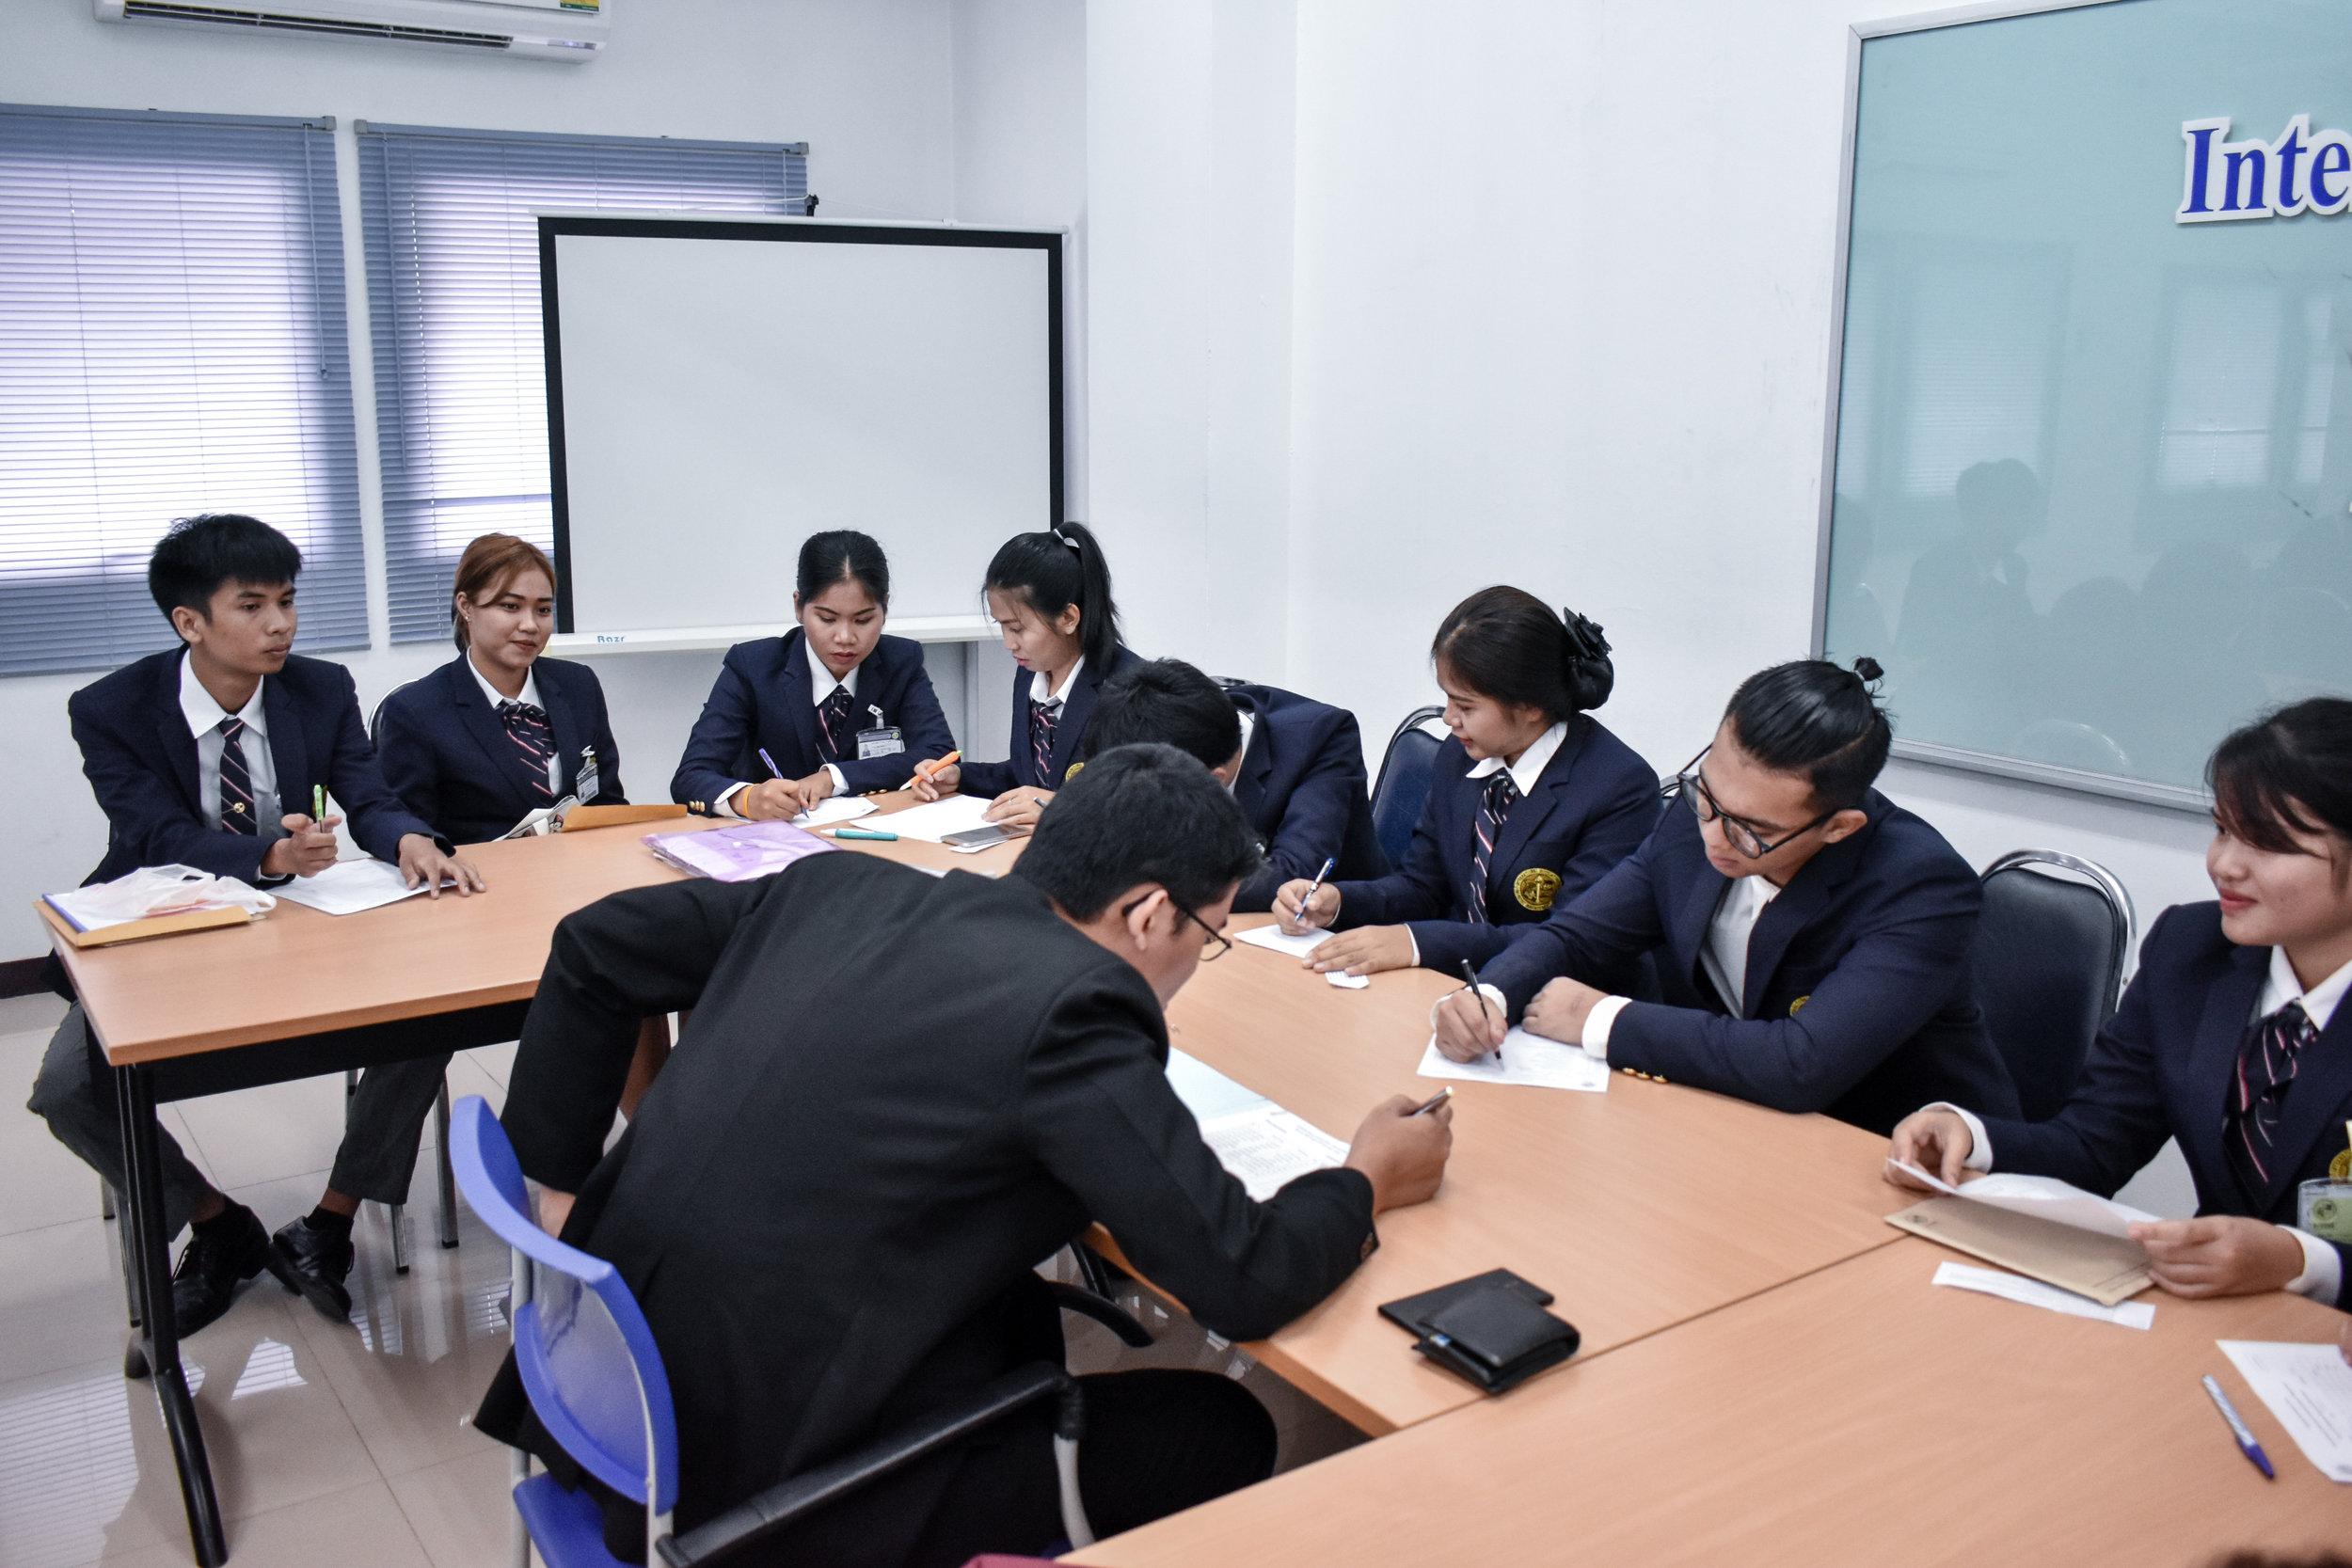 internship seminar  (4 of 8).jpg